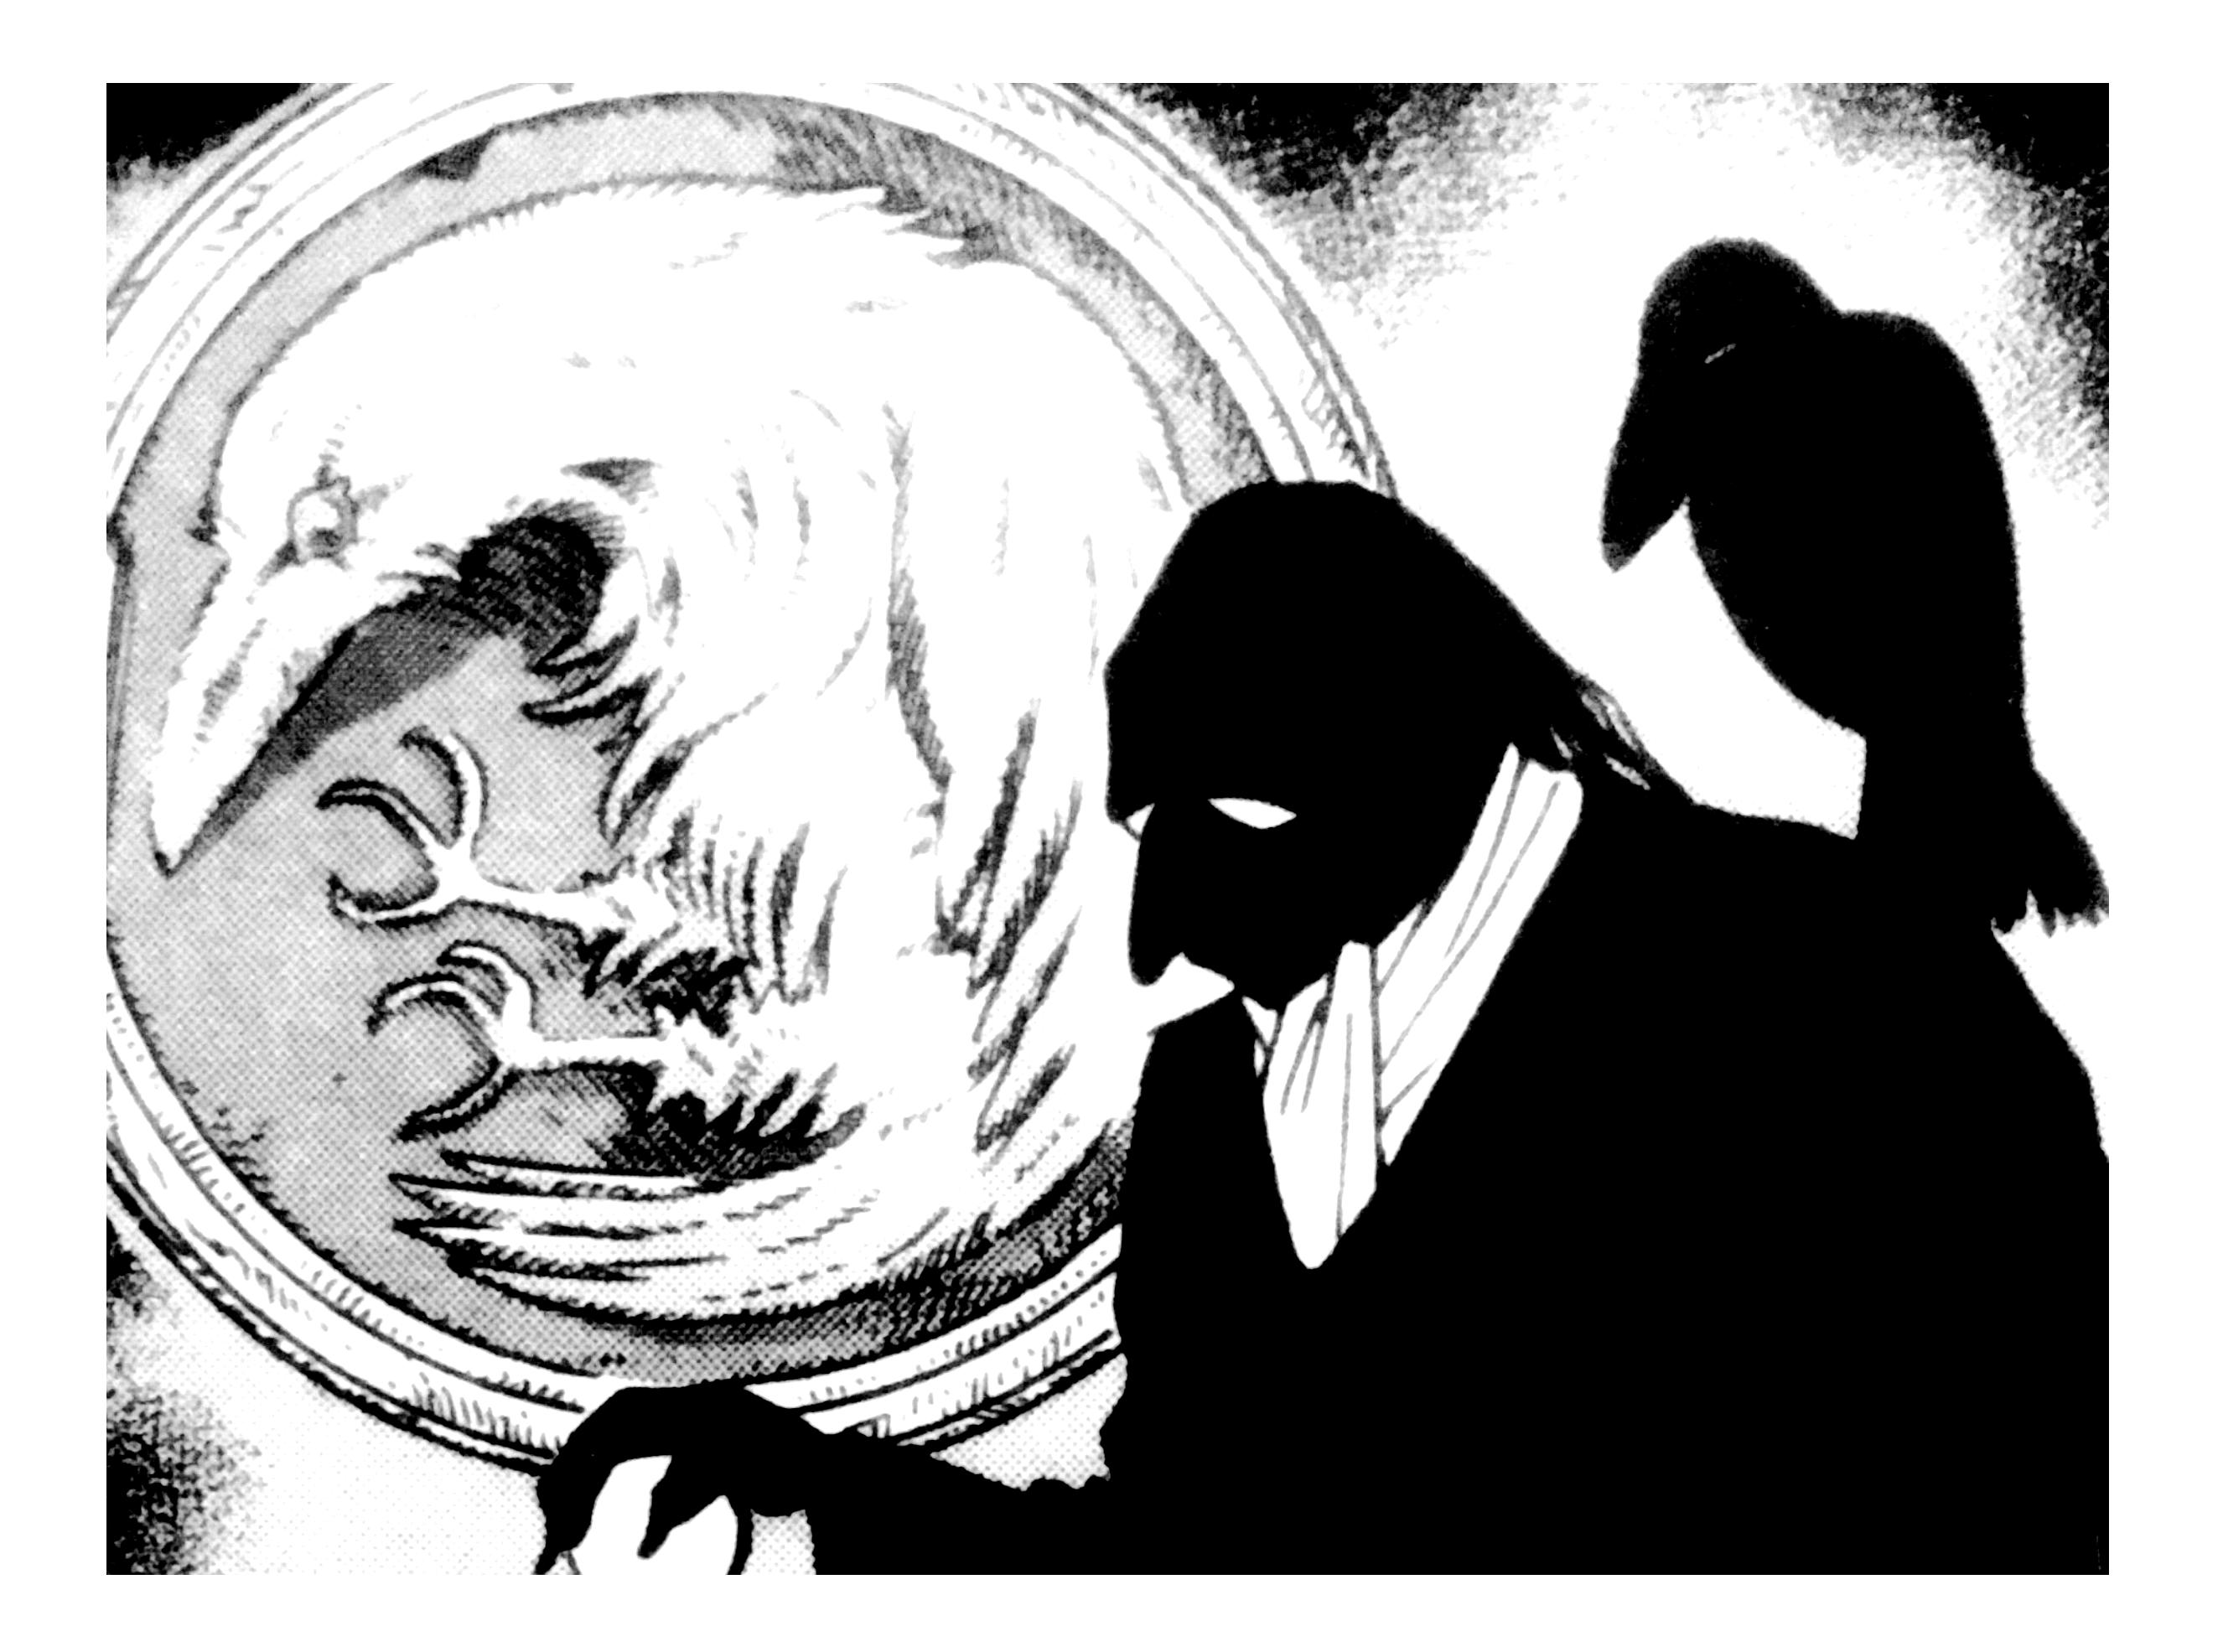 黒の組織のボスの正体(黒幕)のネタバレまとめ   コナン ...